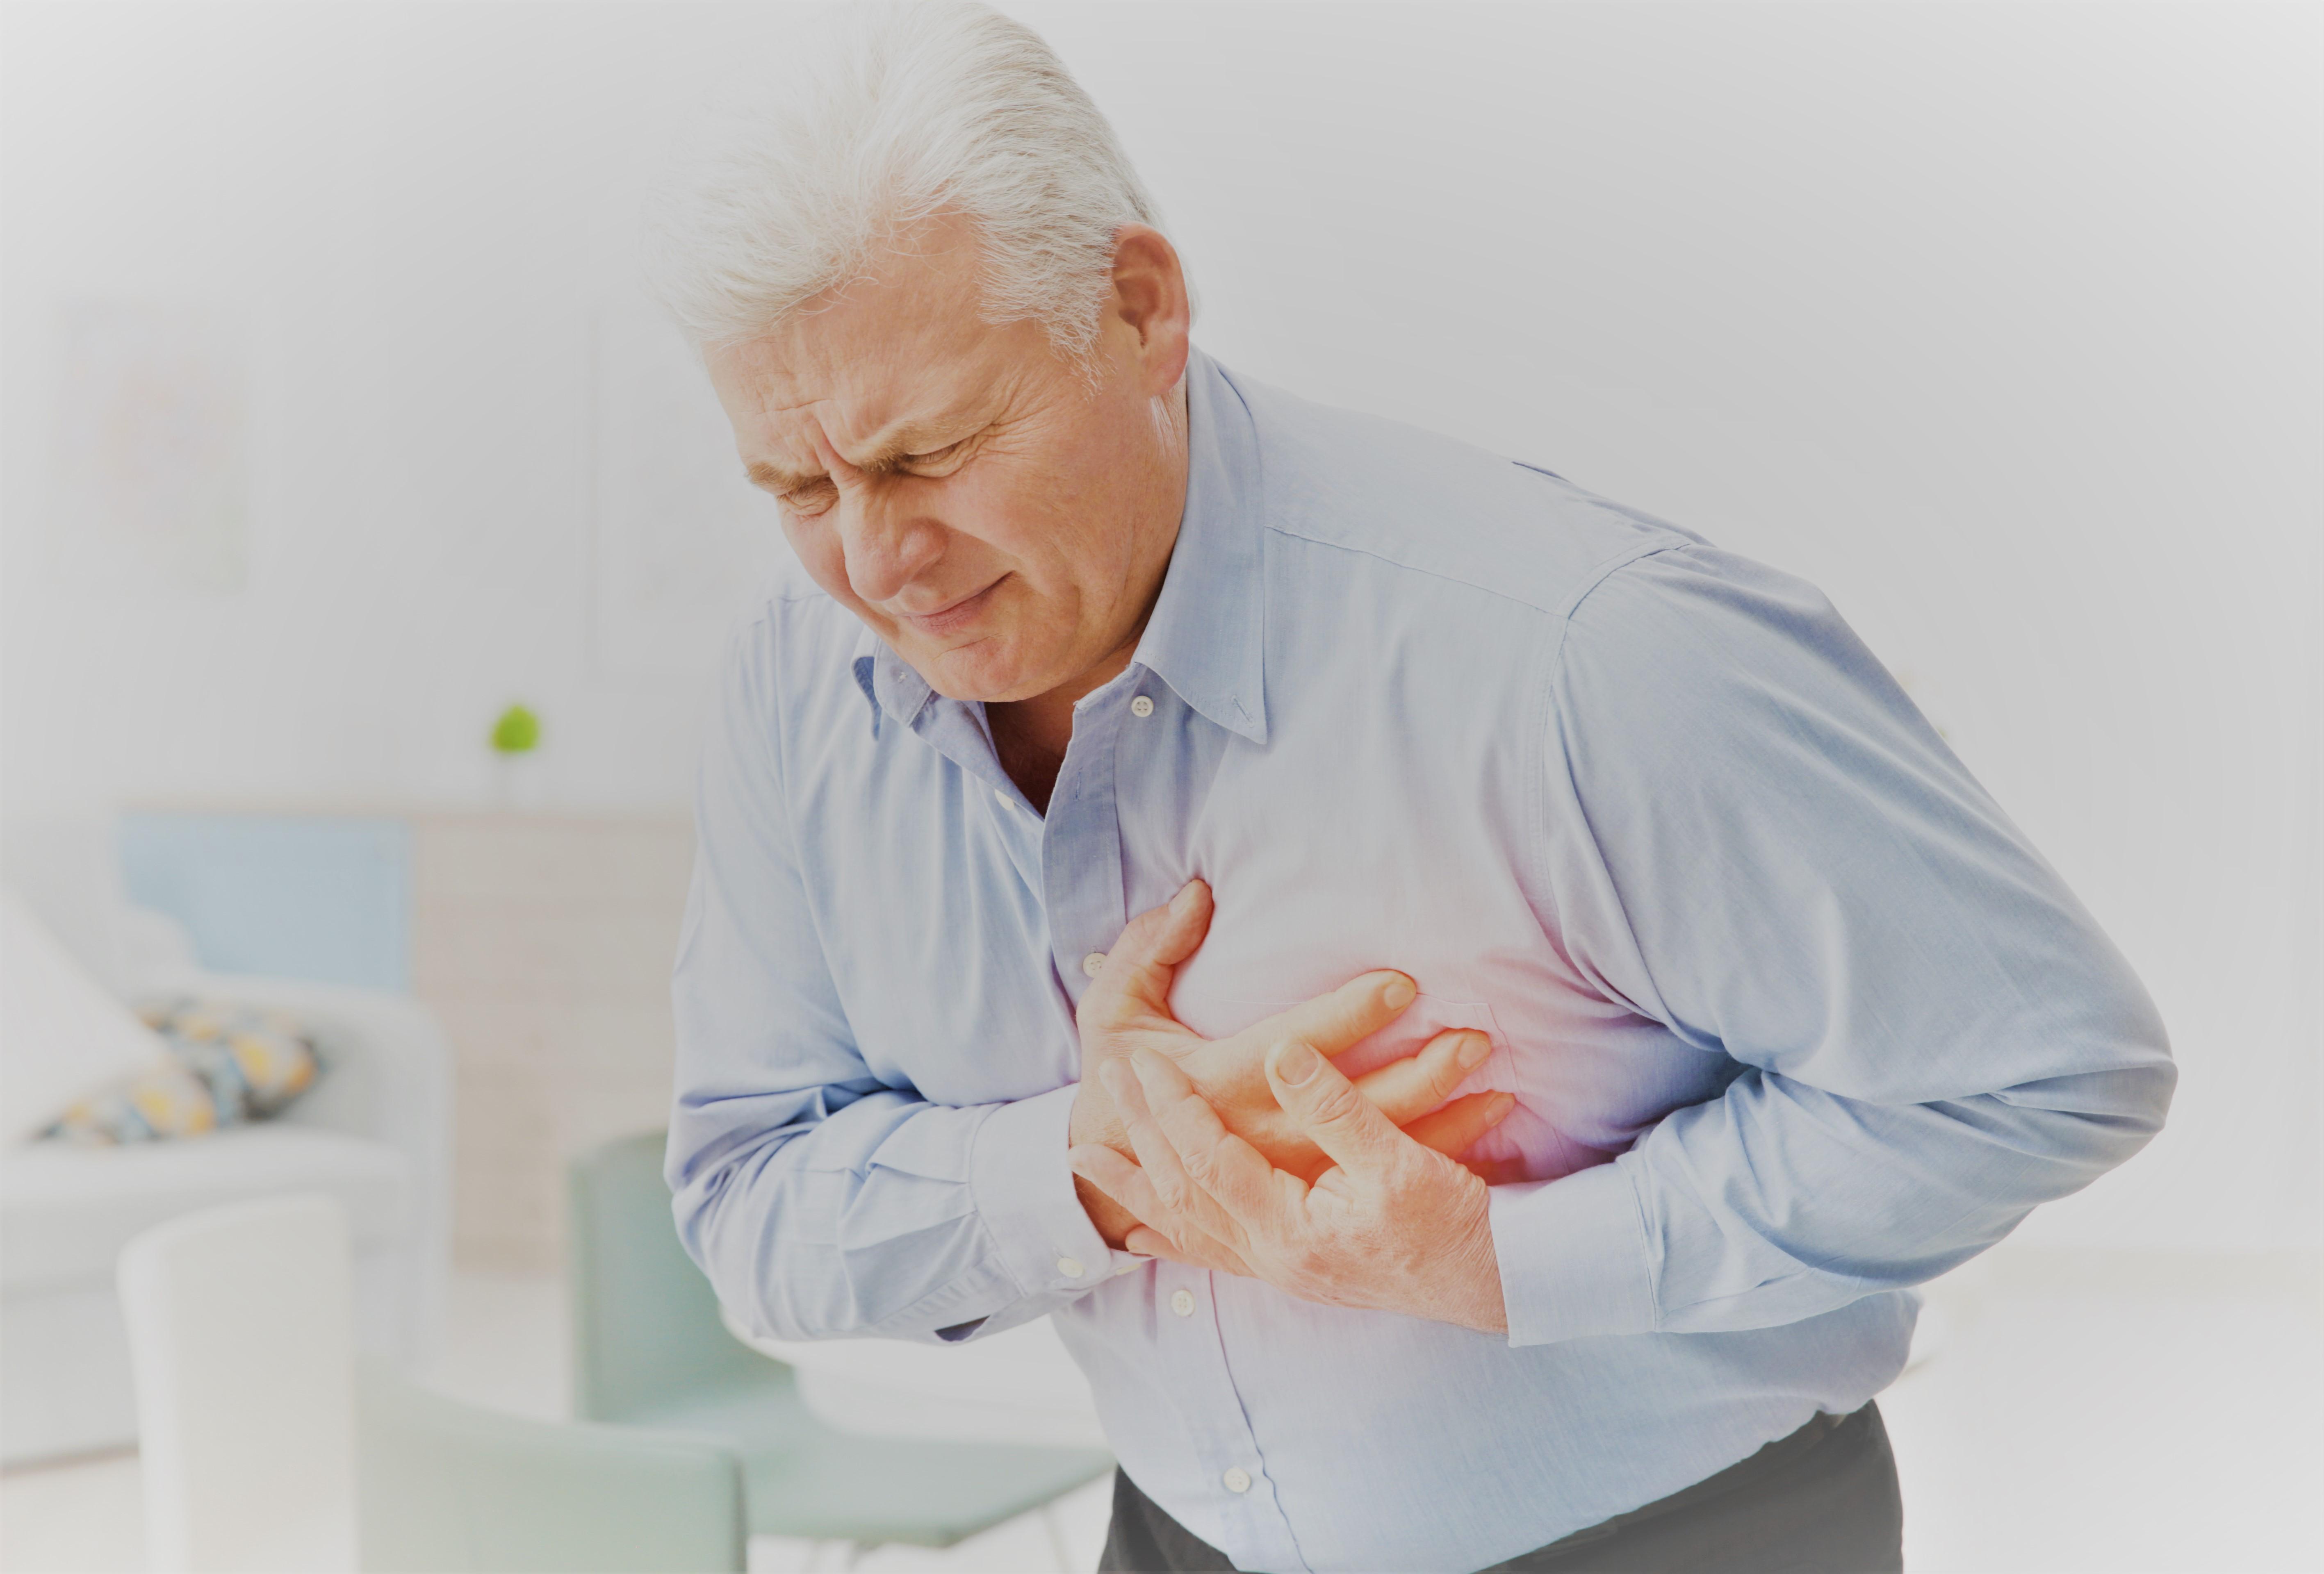 tarkófájdalom magas vérnyomás